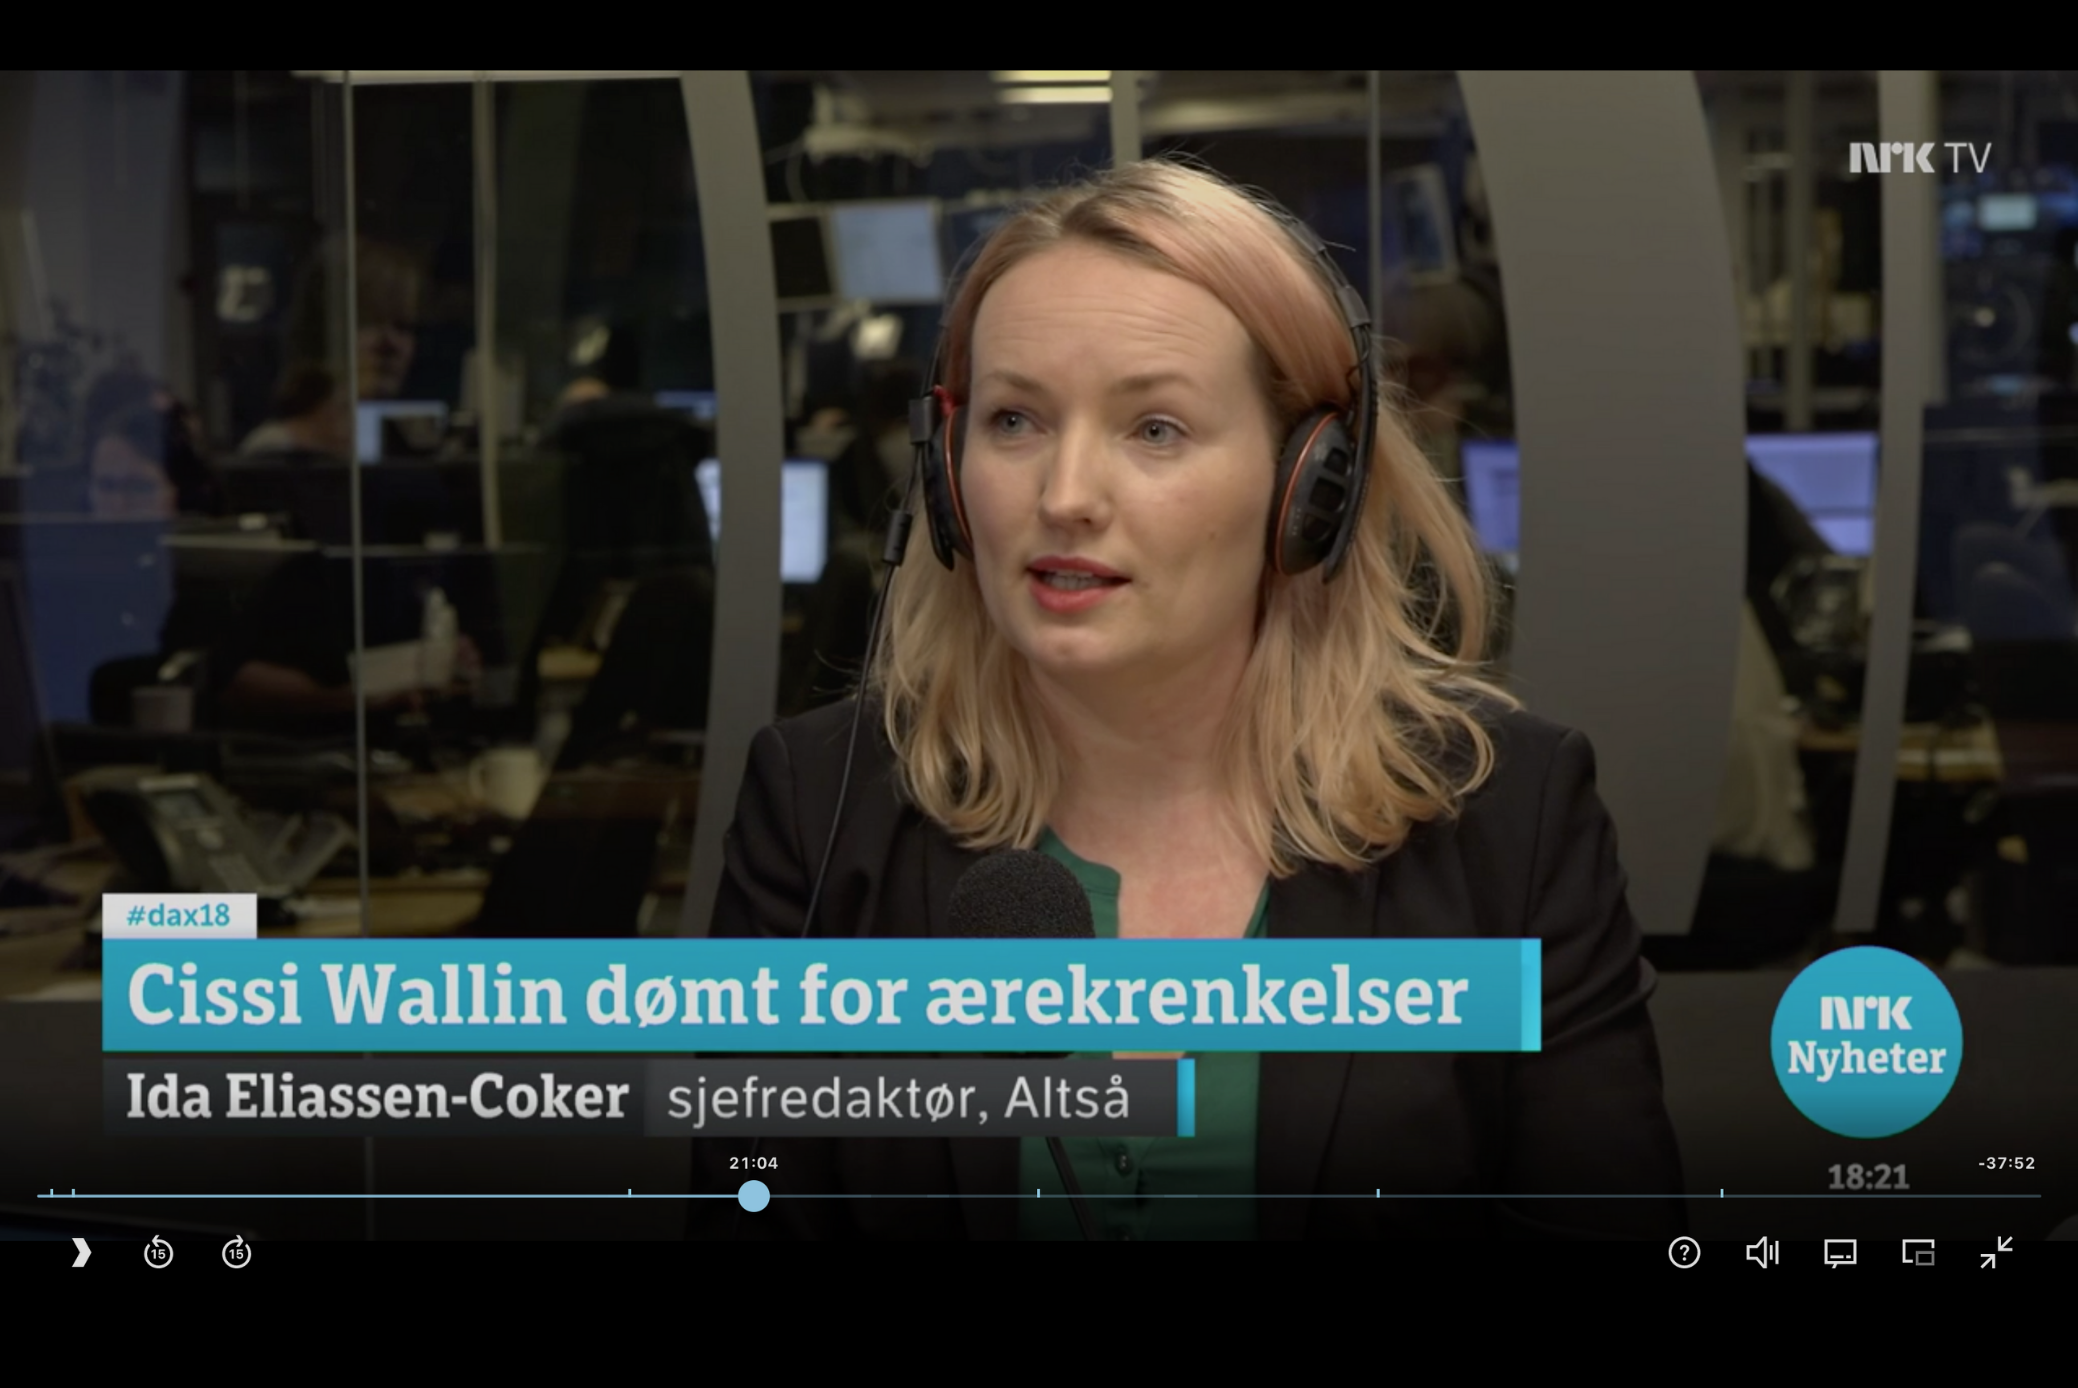 Dagsnytt 18: Cissi Wallin dømt for ærekrenkelser i Sverige